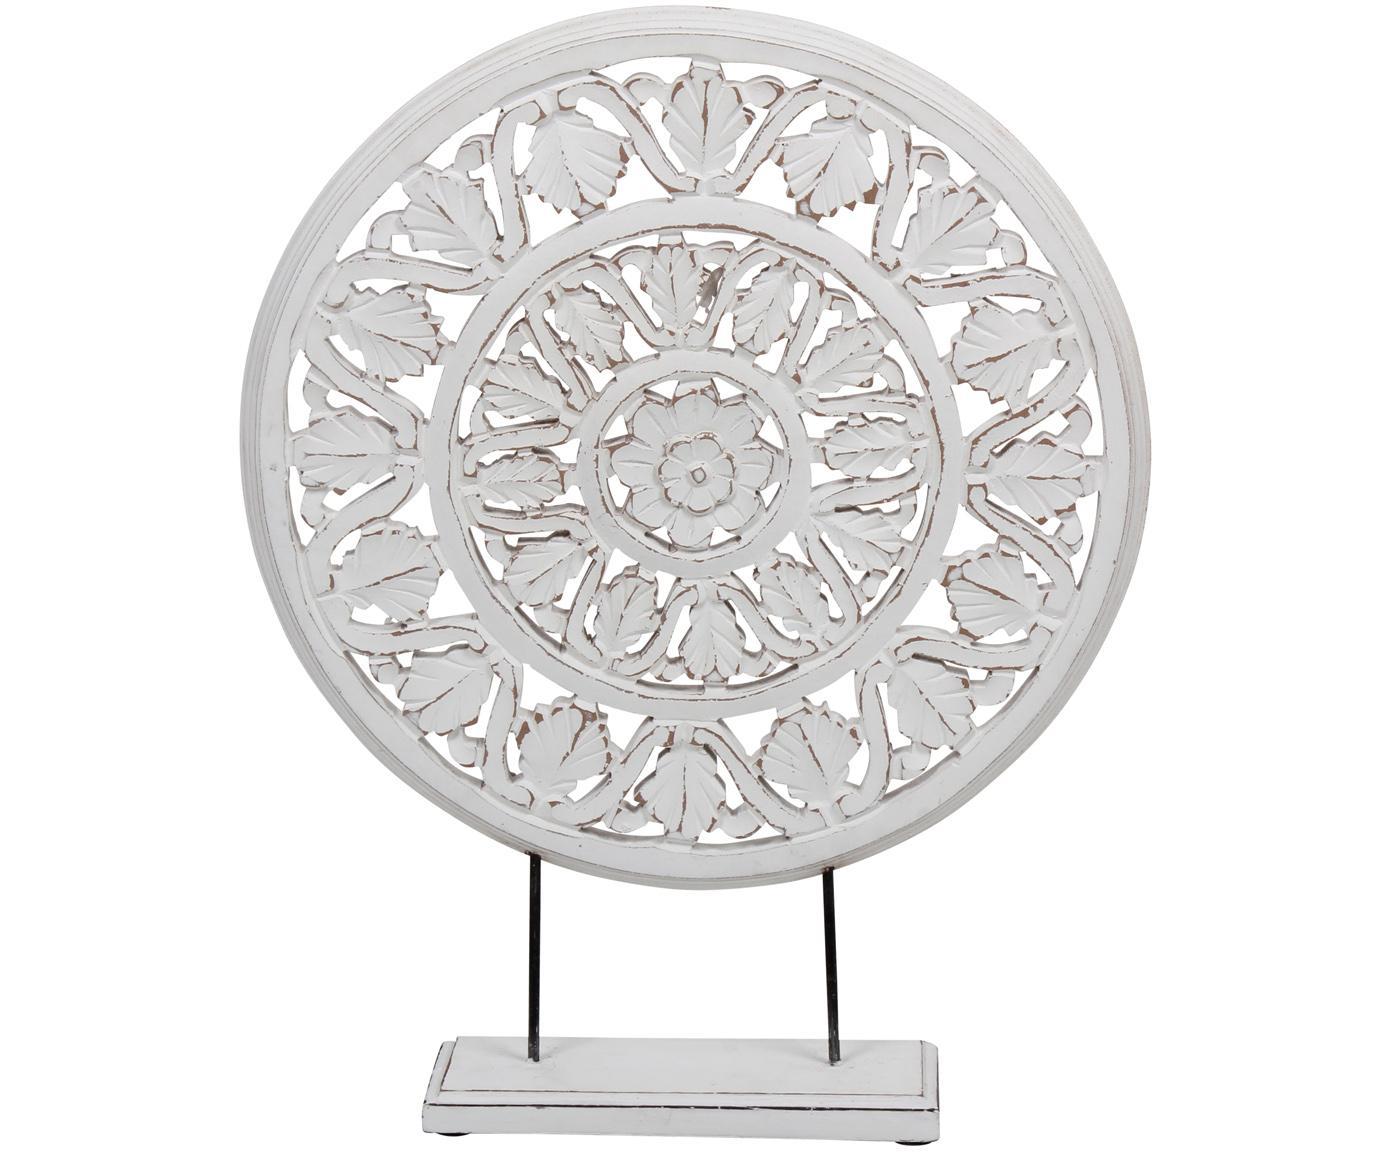 Dekoracja Brahma, Drewno naturalne, Biały, antyczne wykończenie, S 40 x W 50 cm